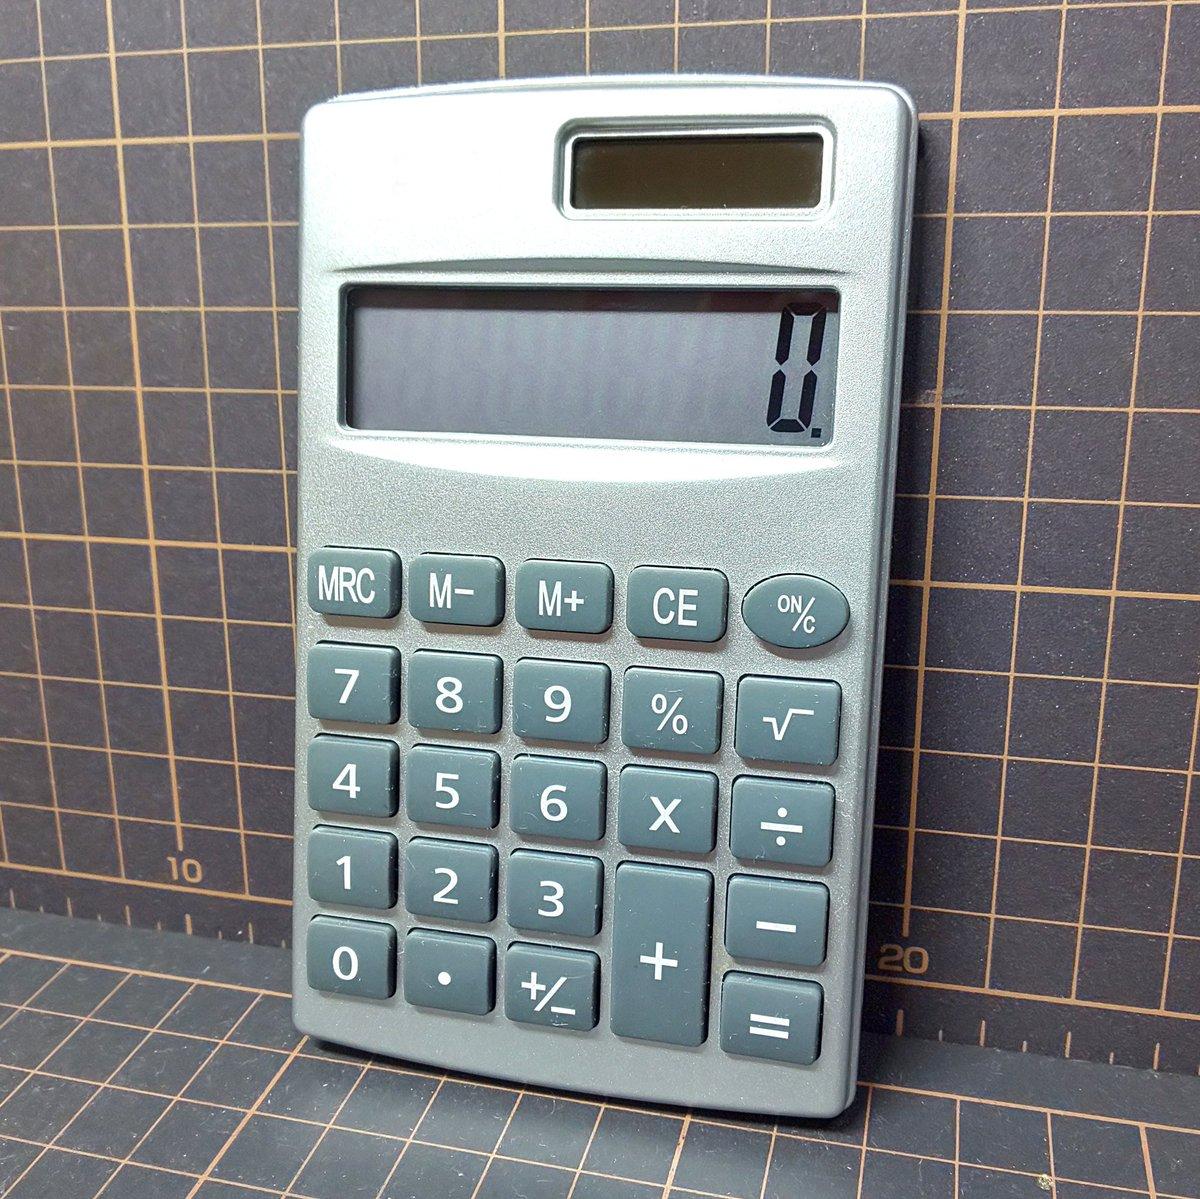 test ツイッターメディア - 技術士一次試験のために、近所のキャンドゥで電卓買ってきた。 キーがちょっと固いけど、かなり良い感じ(^_^)v シンプルかつルートがあるのがポイント高い! #100円ショップ #キャンドゥ #電卓 https://t.co/jNhqGDRkK9